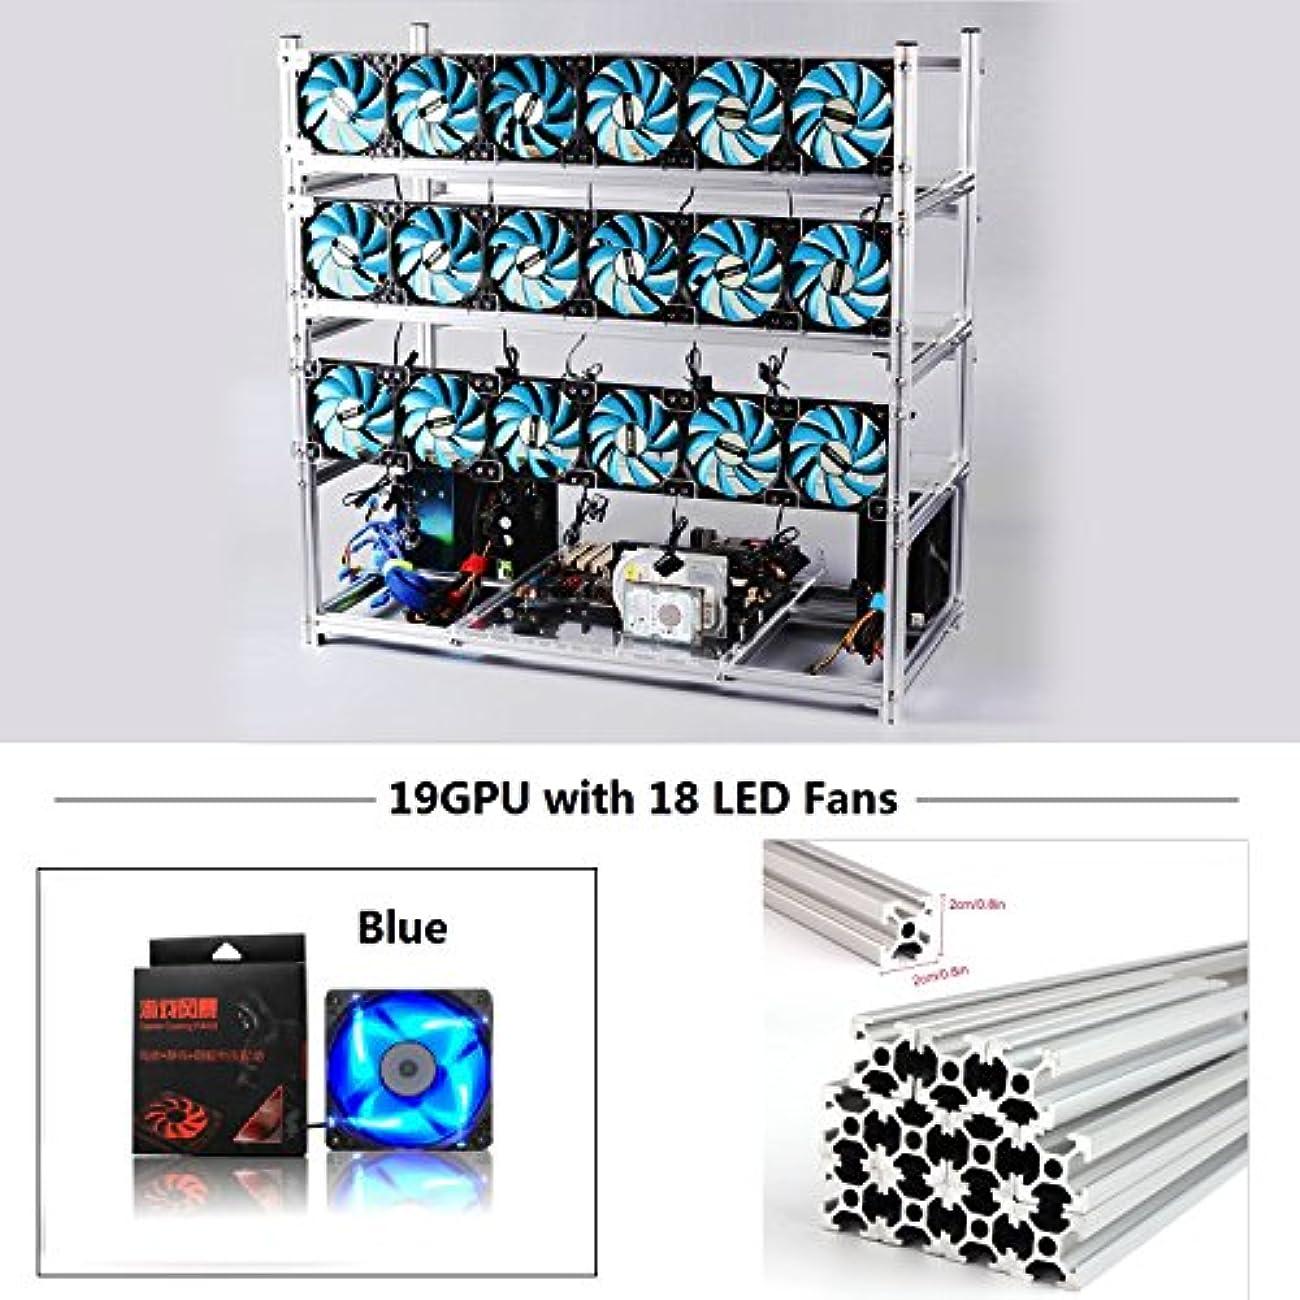 完璧な公器官19 GPU MiningリグアルミStackable Case with 18 LEDファンOpen AirフレームMinerキットfor Eth / ZEC / Bitcoin / decred / Z現金 RuiXinFeng